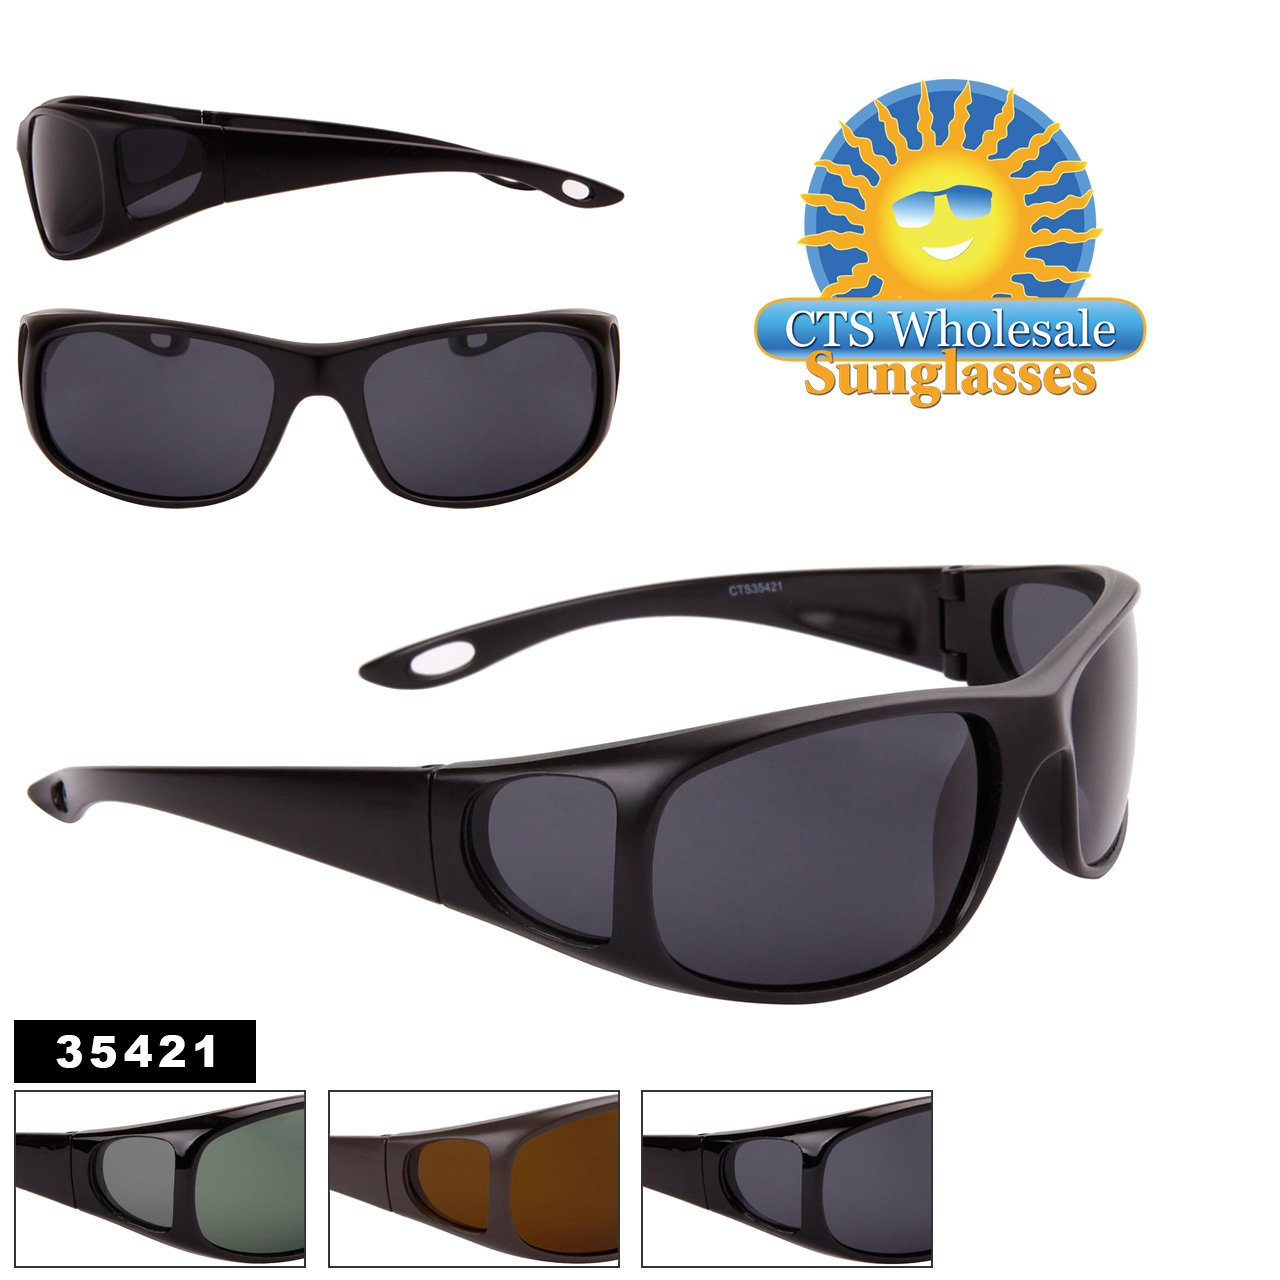 a333c72fdcf464 surlunettes de soleil polarisantes polarisées sport verres polarisés homme  femme CTS35421 (monture marron verres marron, largeur 140mm hauteur 40mm)   ...